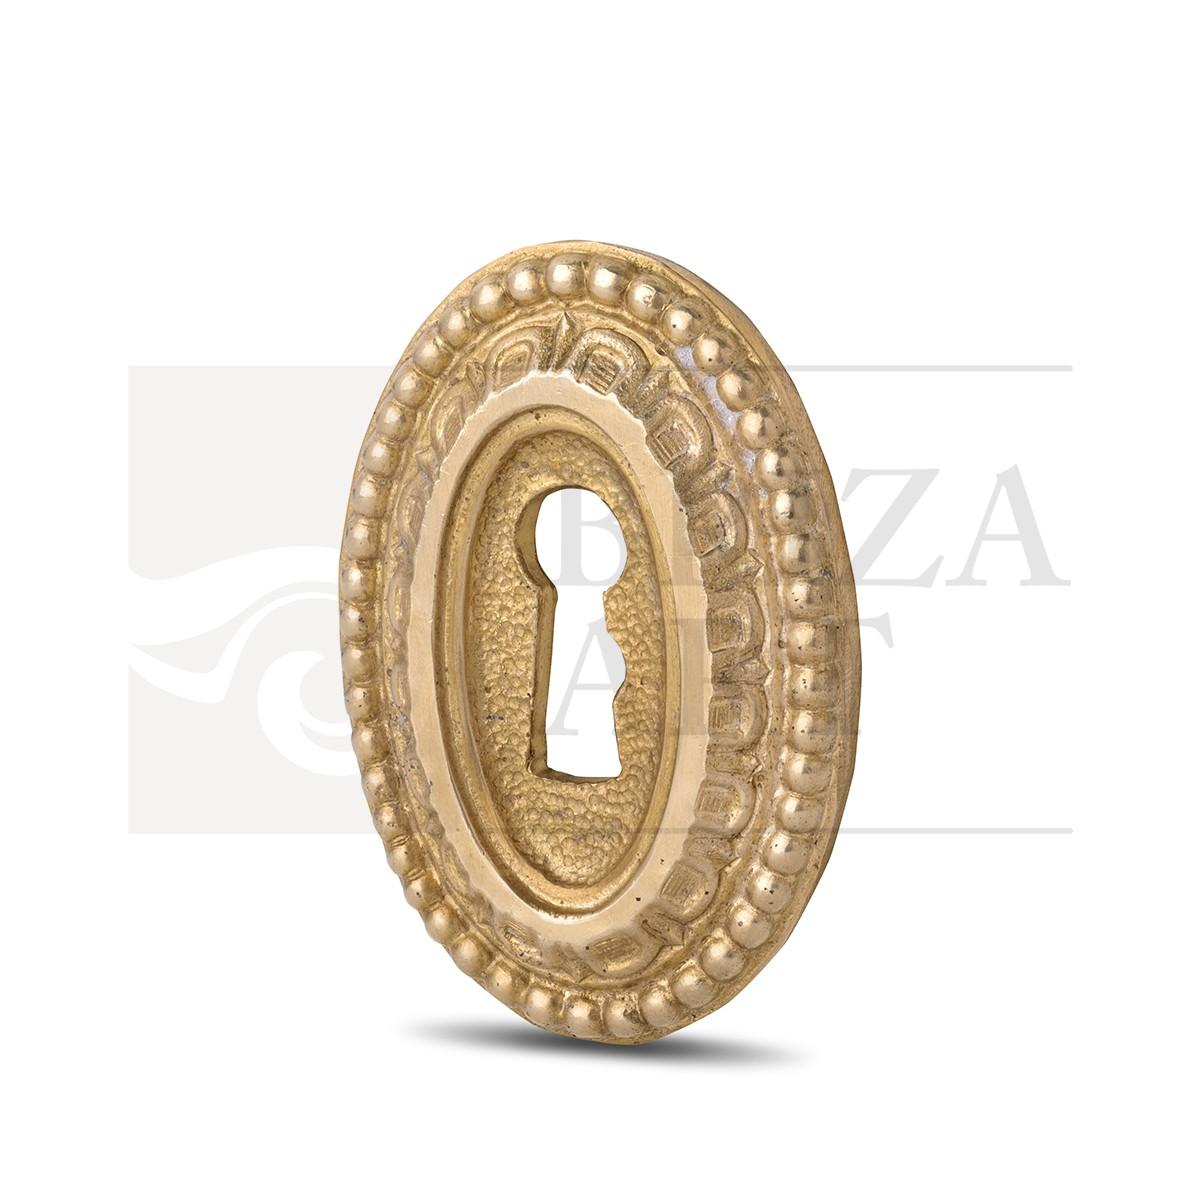 Ключевина накладная овальная с горохом, арт: 06-011